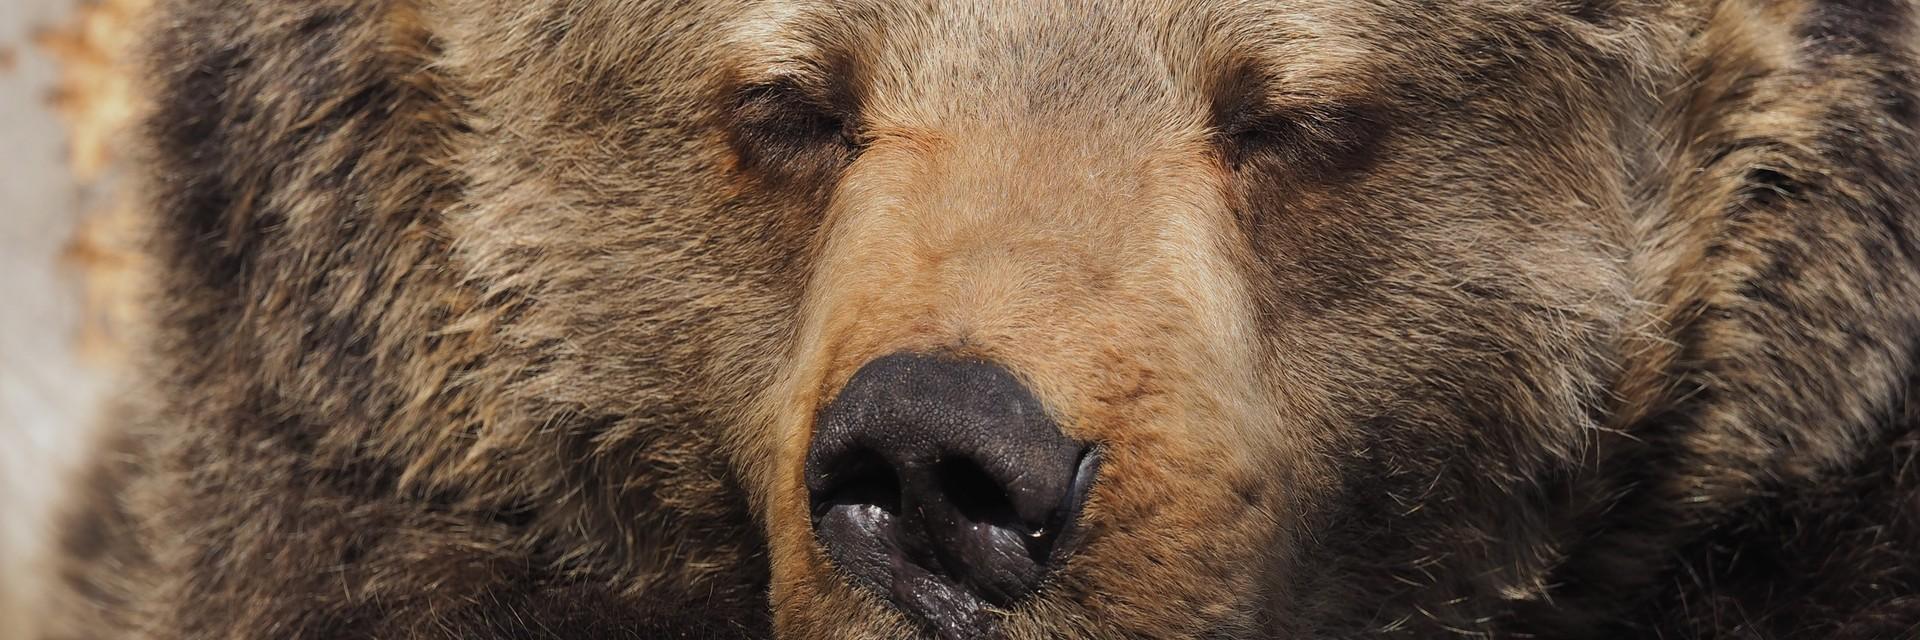 Bear Brumca in the sun